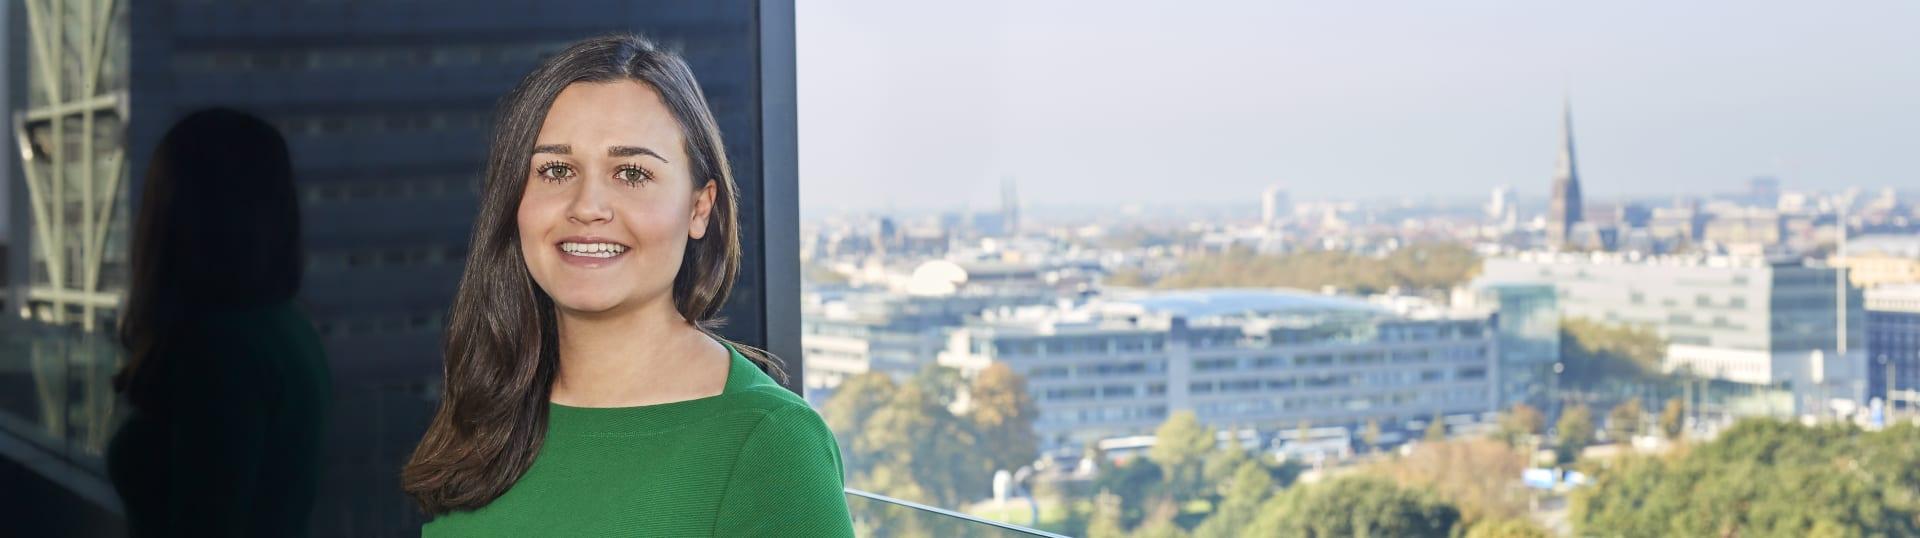 Lauree Jager, advocaat Pels Rijcken